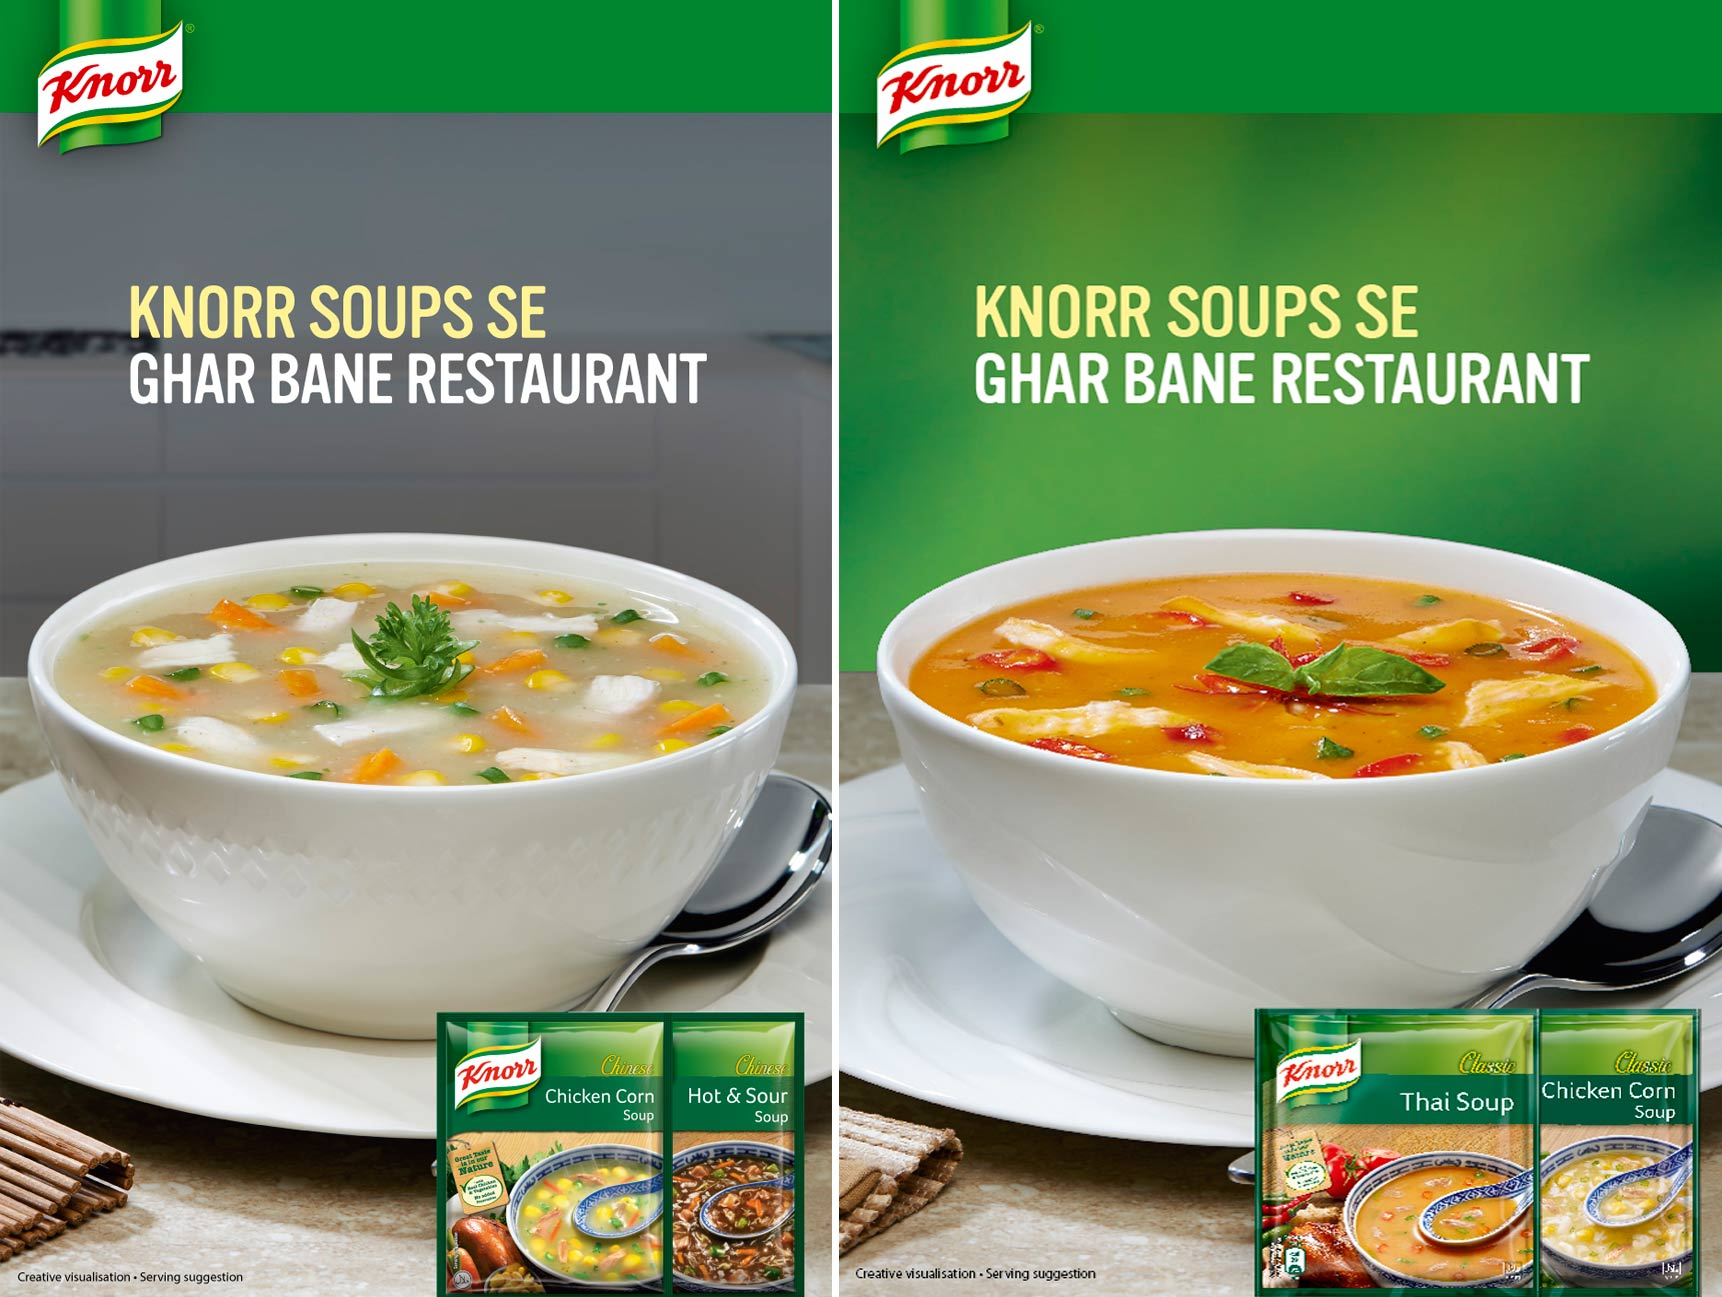 knorr-soups.jpg